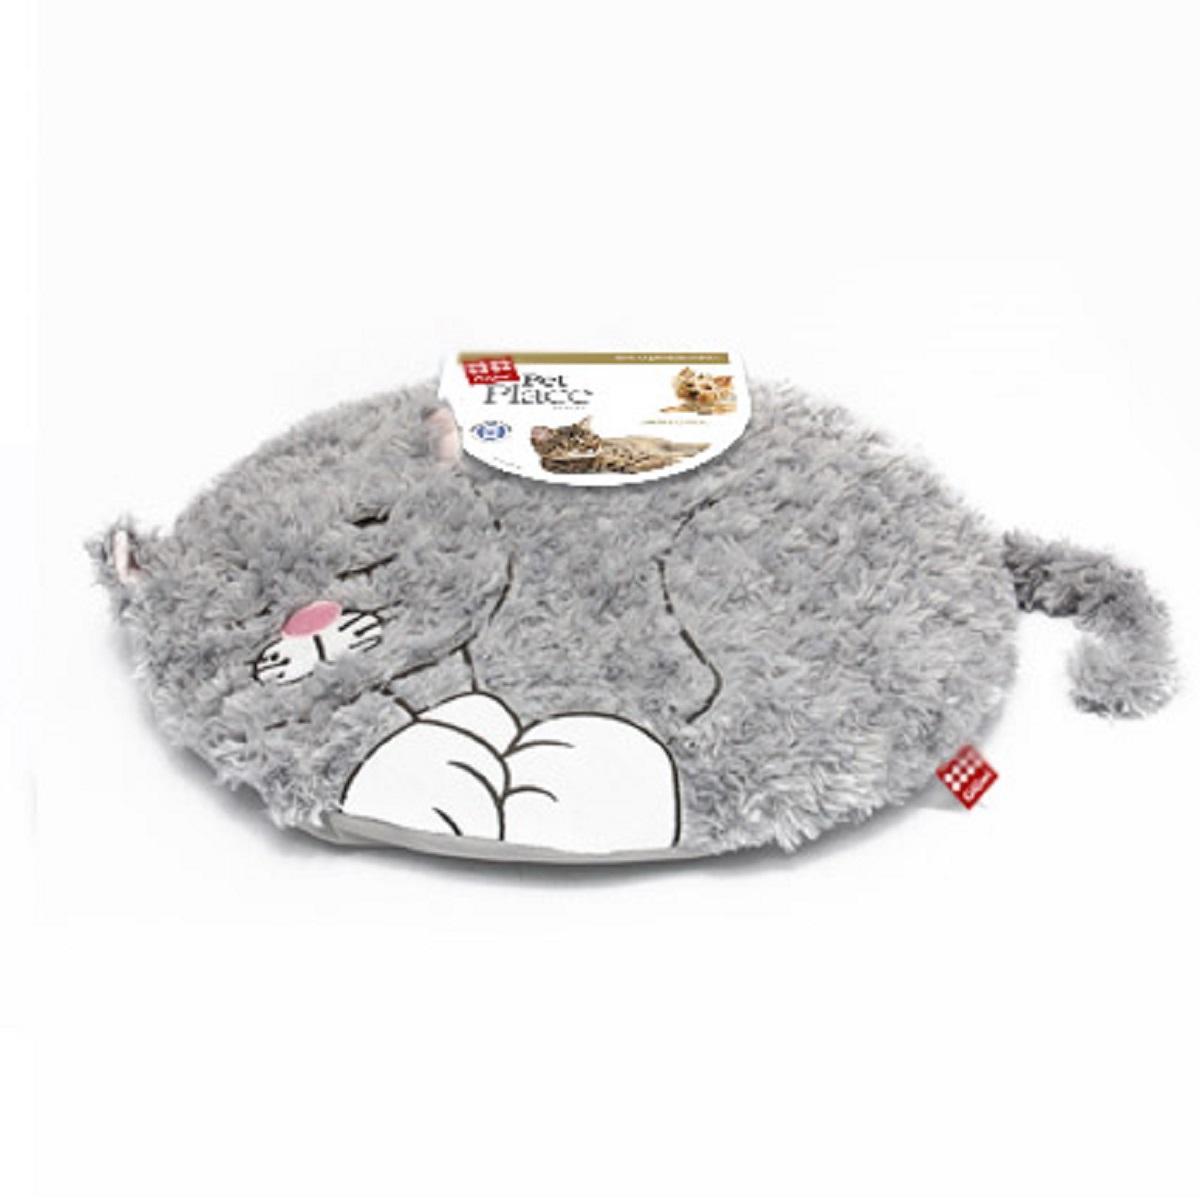 Лежанка с дизайном GiGwi Кошка 57 см75118GiGwi Лежанка с дизайном Кошка Лежанка для небольших собак и кошек. Наполнитель полиэстер. Машинная стирка